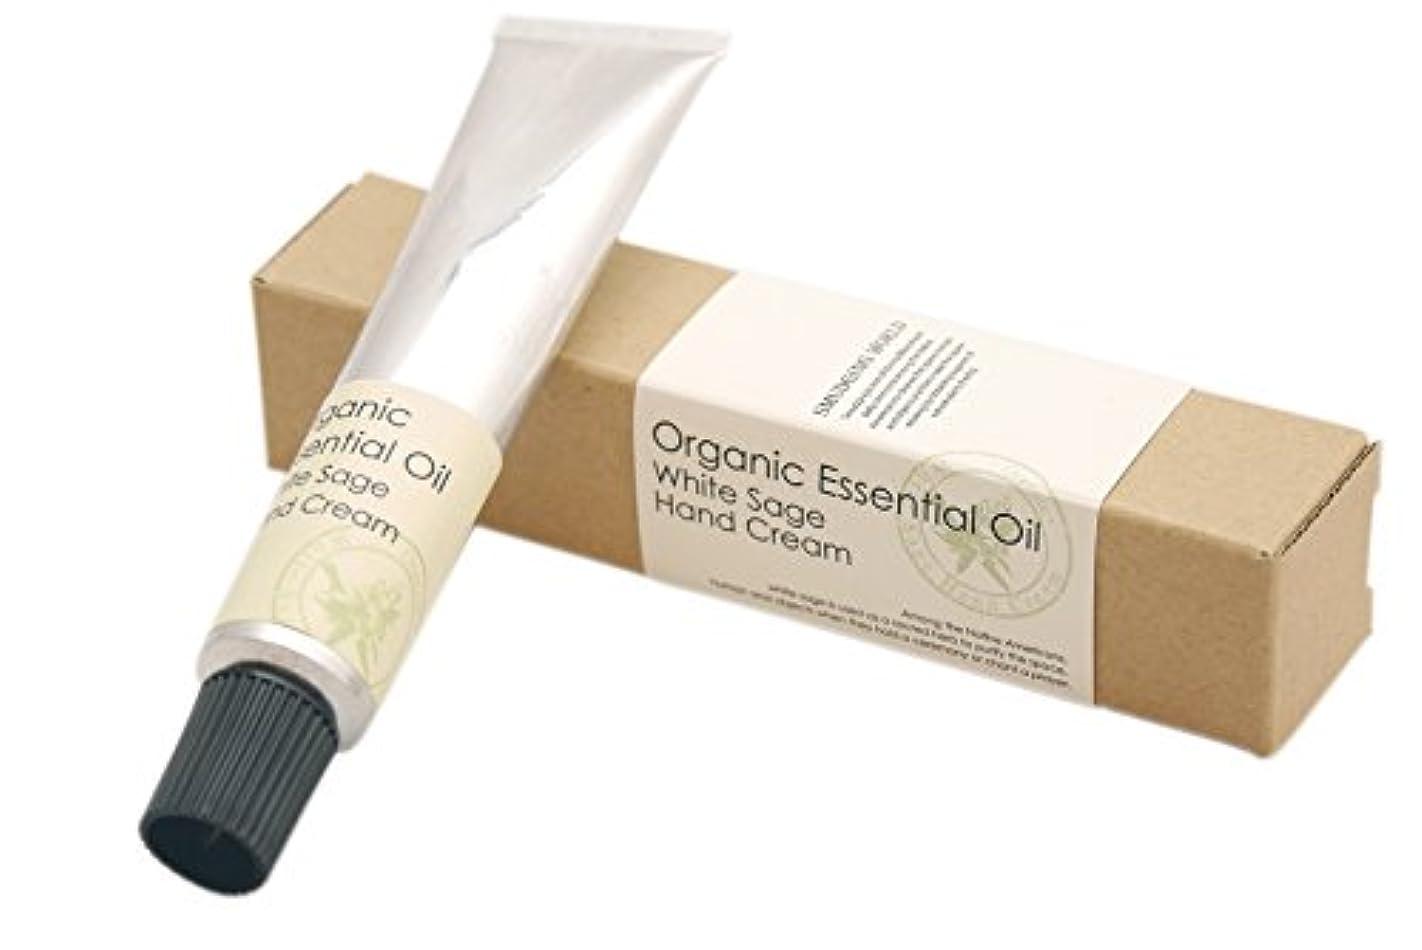 ステッチ成り立つながらアロマレコルト ハンドクリーム ホワイトセージ 【White Sage】 オーガニック エッセンシャルオイル organic essential oil hand cream arome recolte